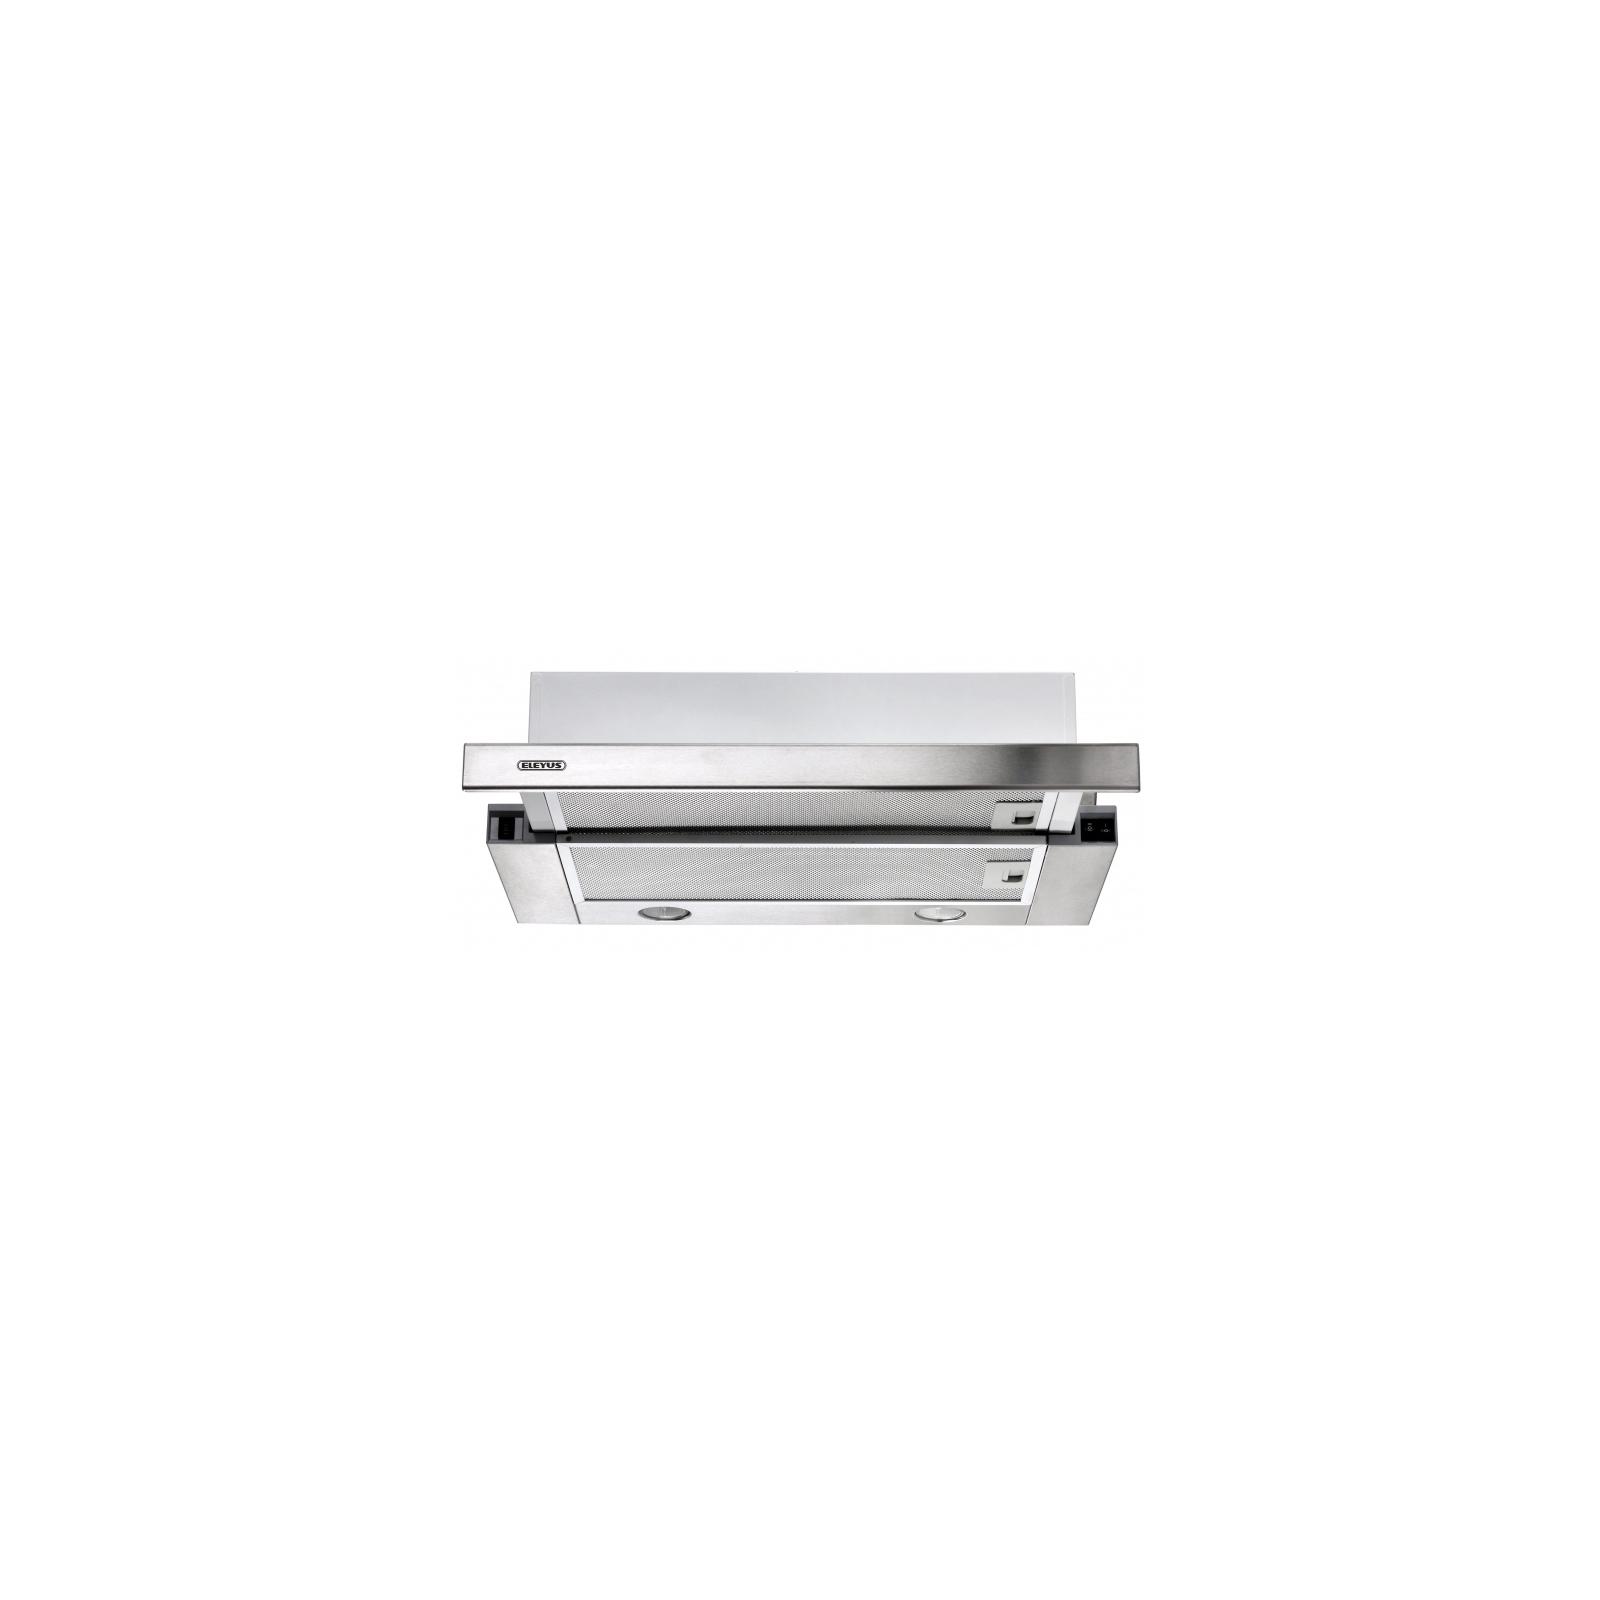 Вытяжка кухонная ELEYUS Storm 960 50 IS изображение 2